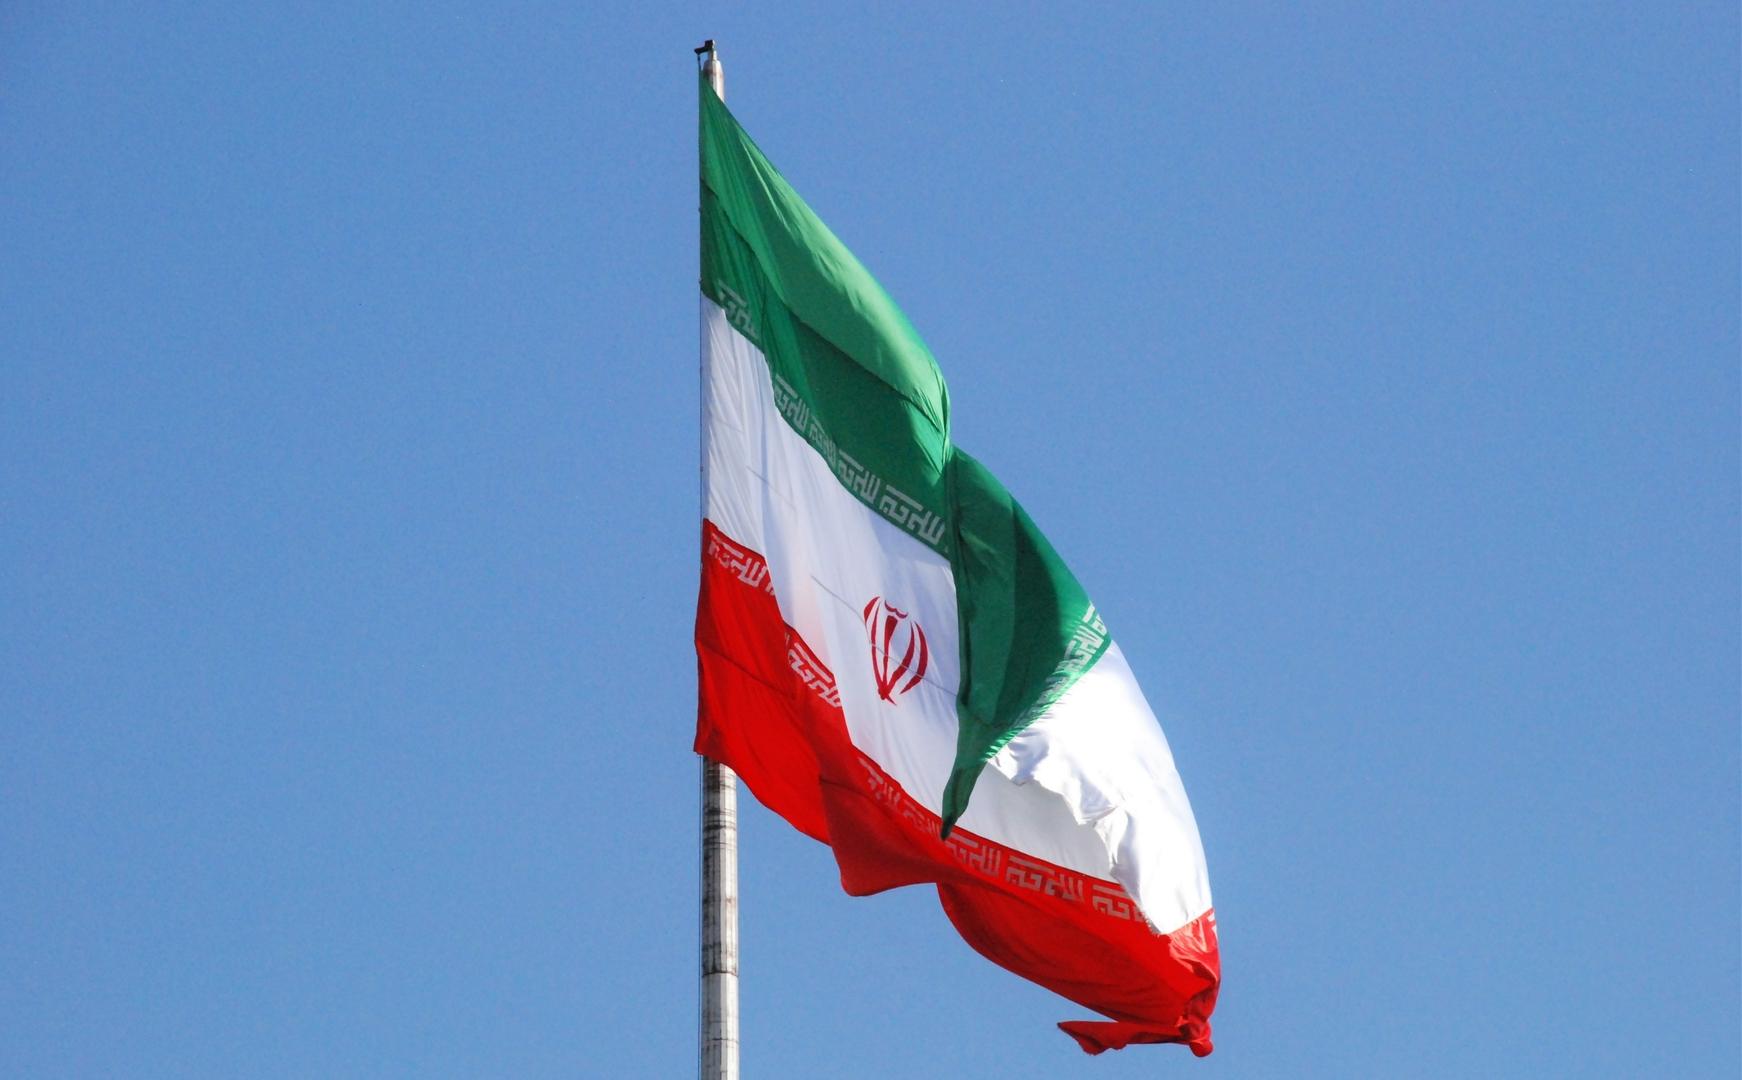 مسؤولو سجن طهران يؤكدون وفاة سجين تعتبره المعارضة شاهدا على